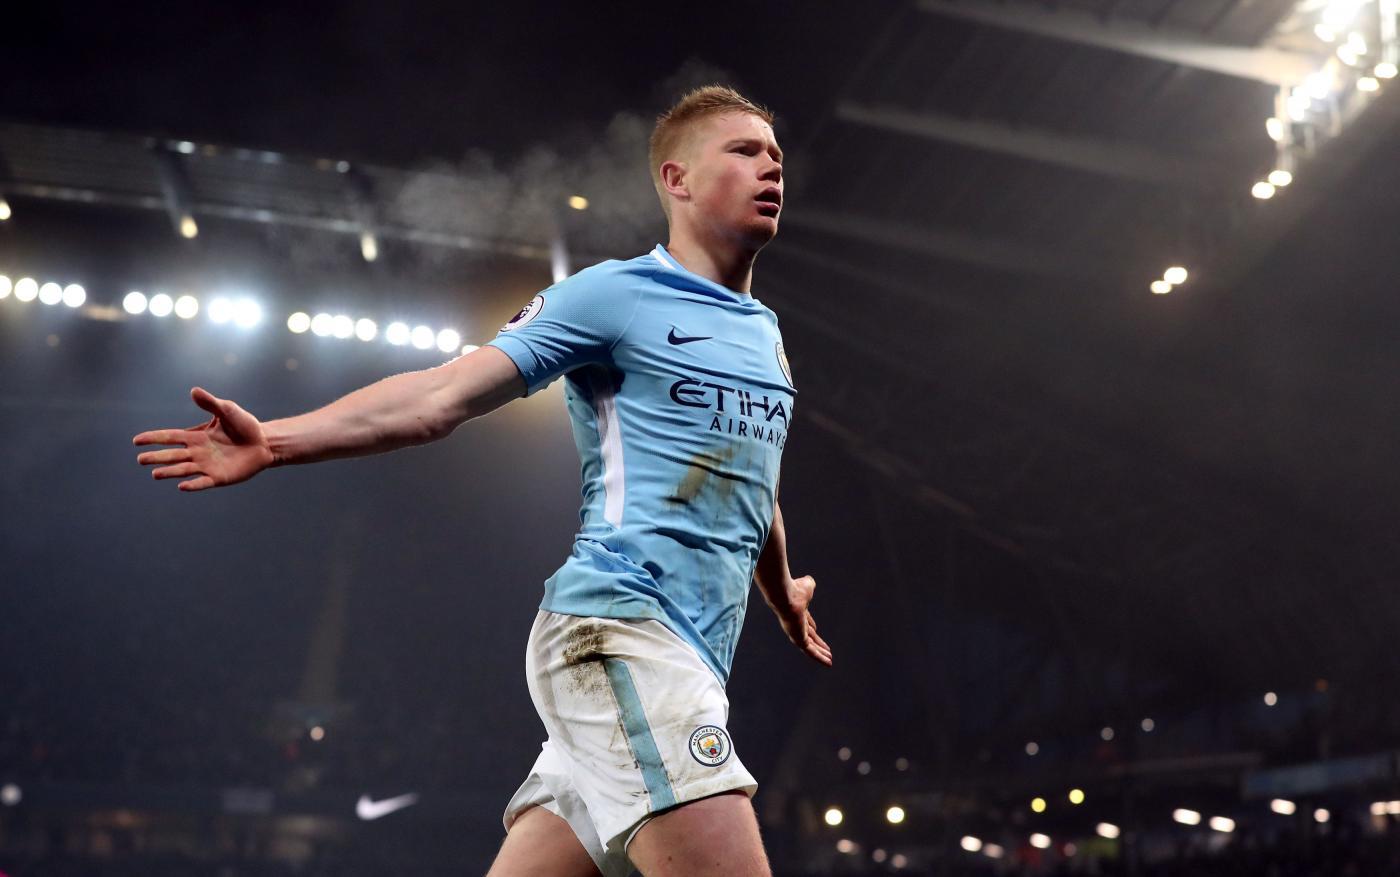 Manchester City-Fulham 15 settembre: match della quinta giornata del campionato inglese. La squadra di Guardiola deve vincere.